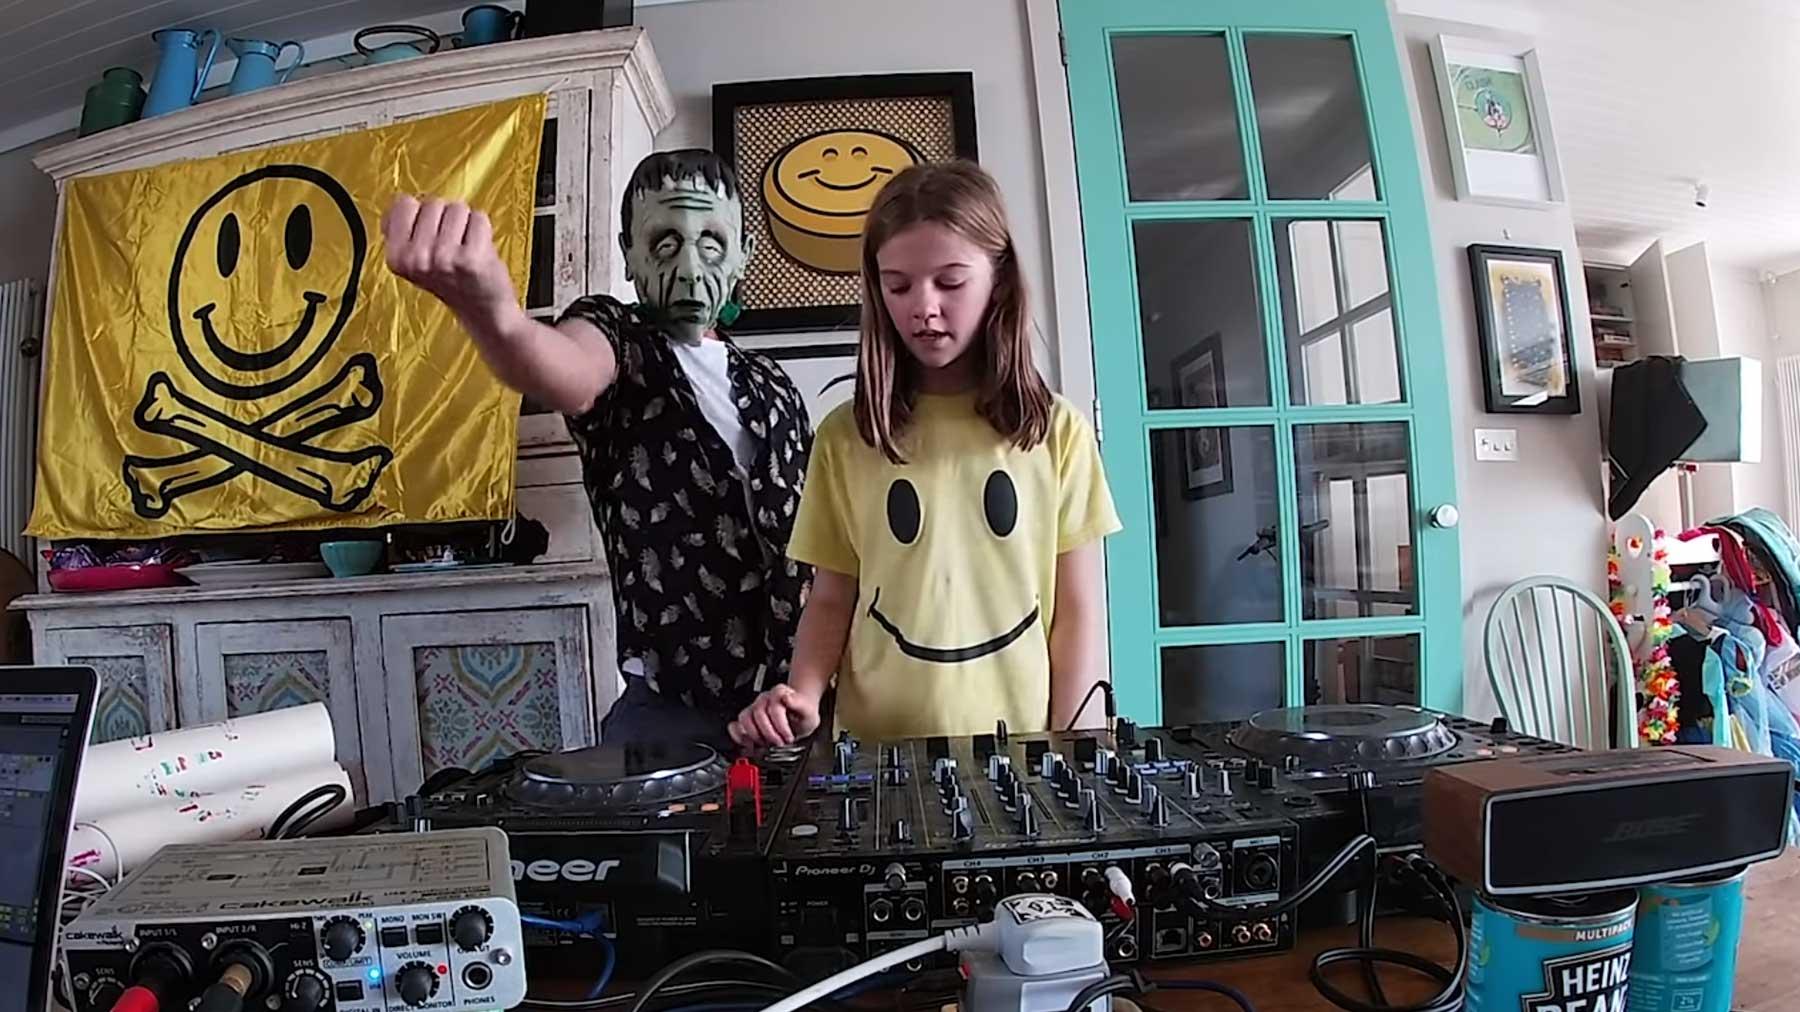 """10-jährige Tochter von Fatboy Slim streamt DJ-Liveset als """"Fat Girl Slim"""" fat-girl-slim-dj-set"""